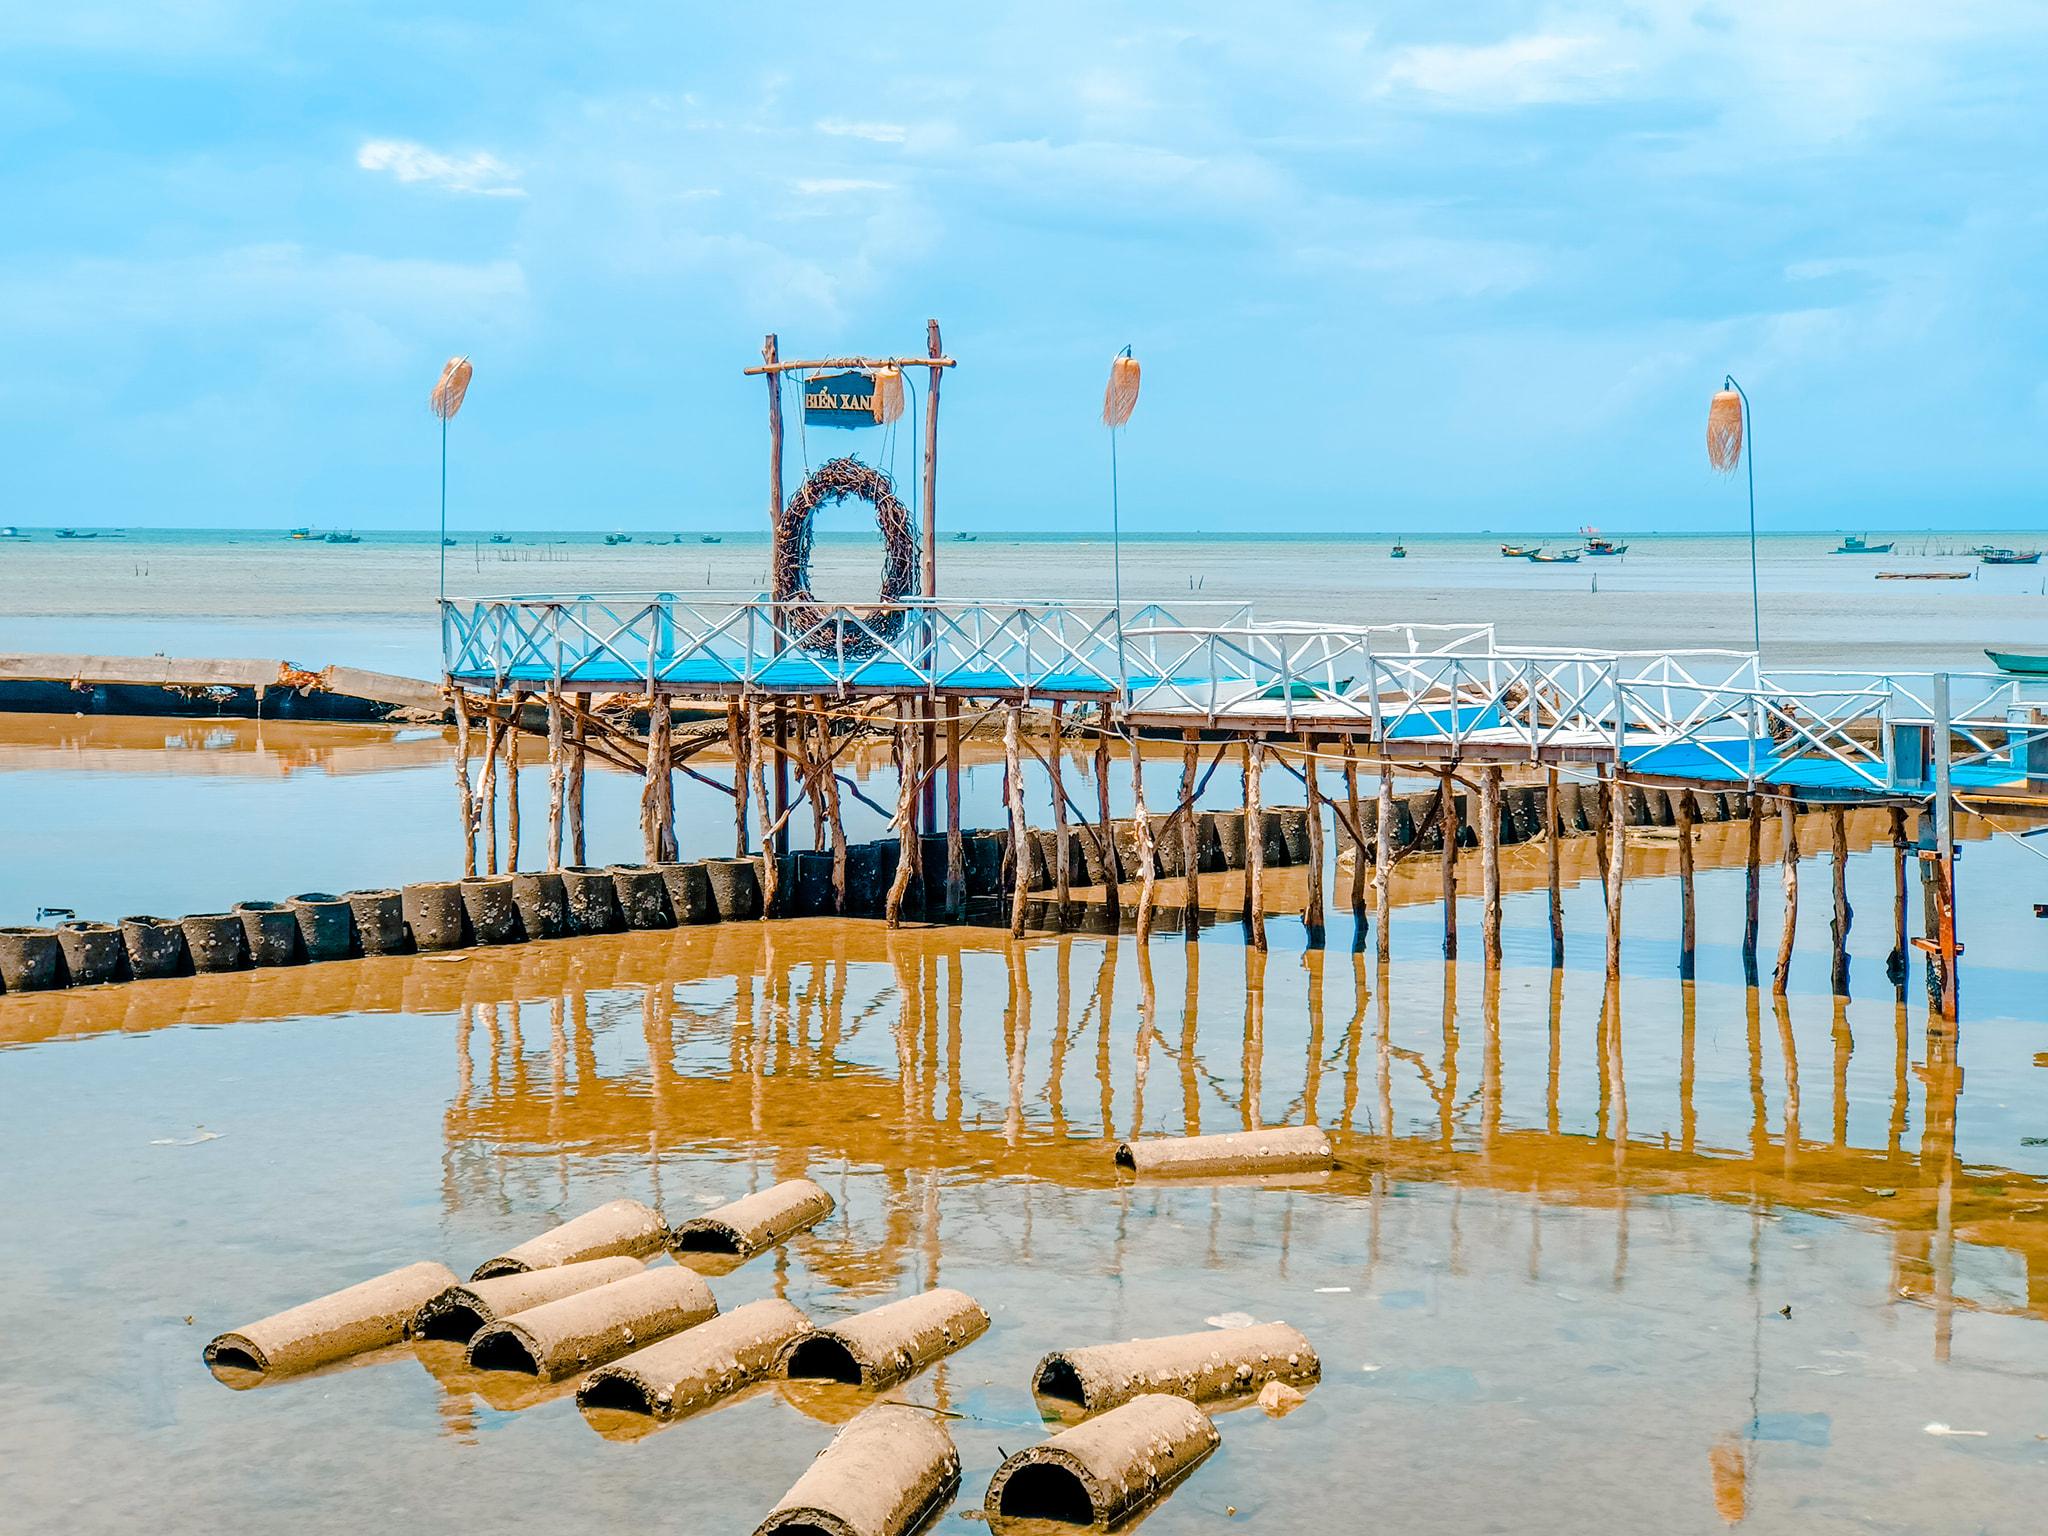 Tour du lịch Phú Quốc khởi hành từ Rạch Giá: Vô vàn ưu đãi trong dịp hè này  - Ảnh 14.